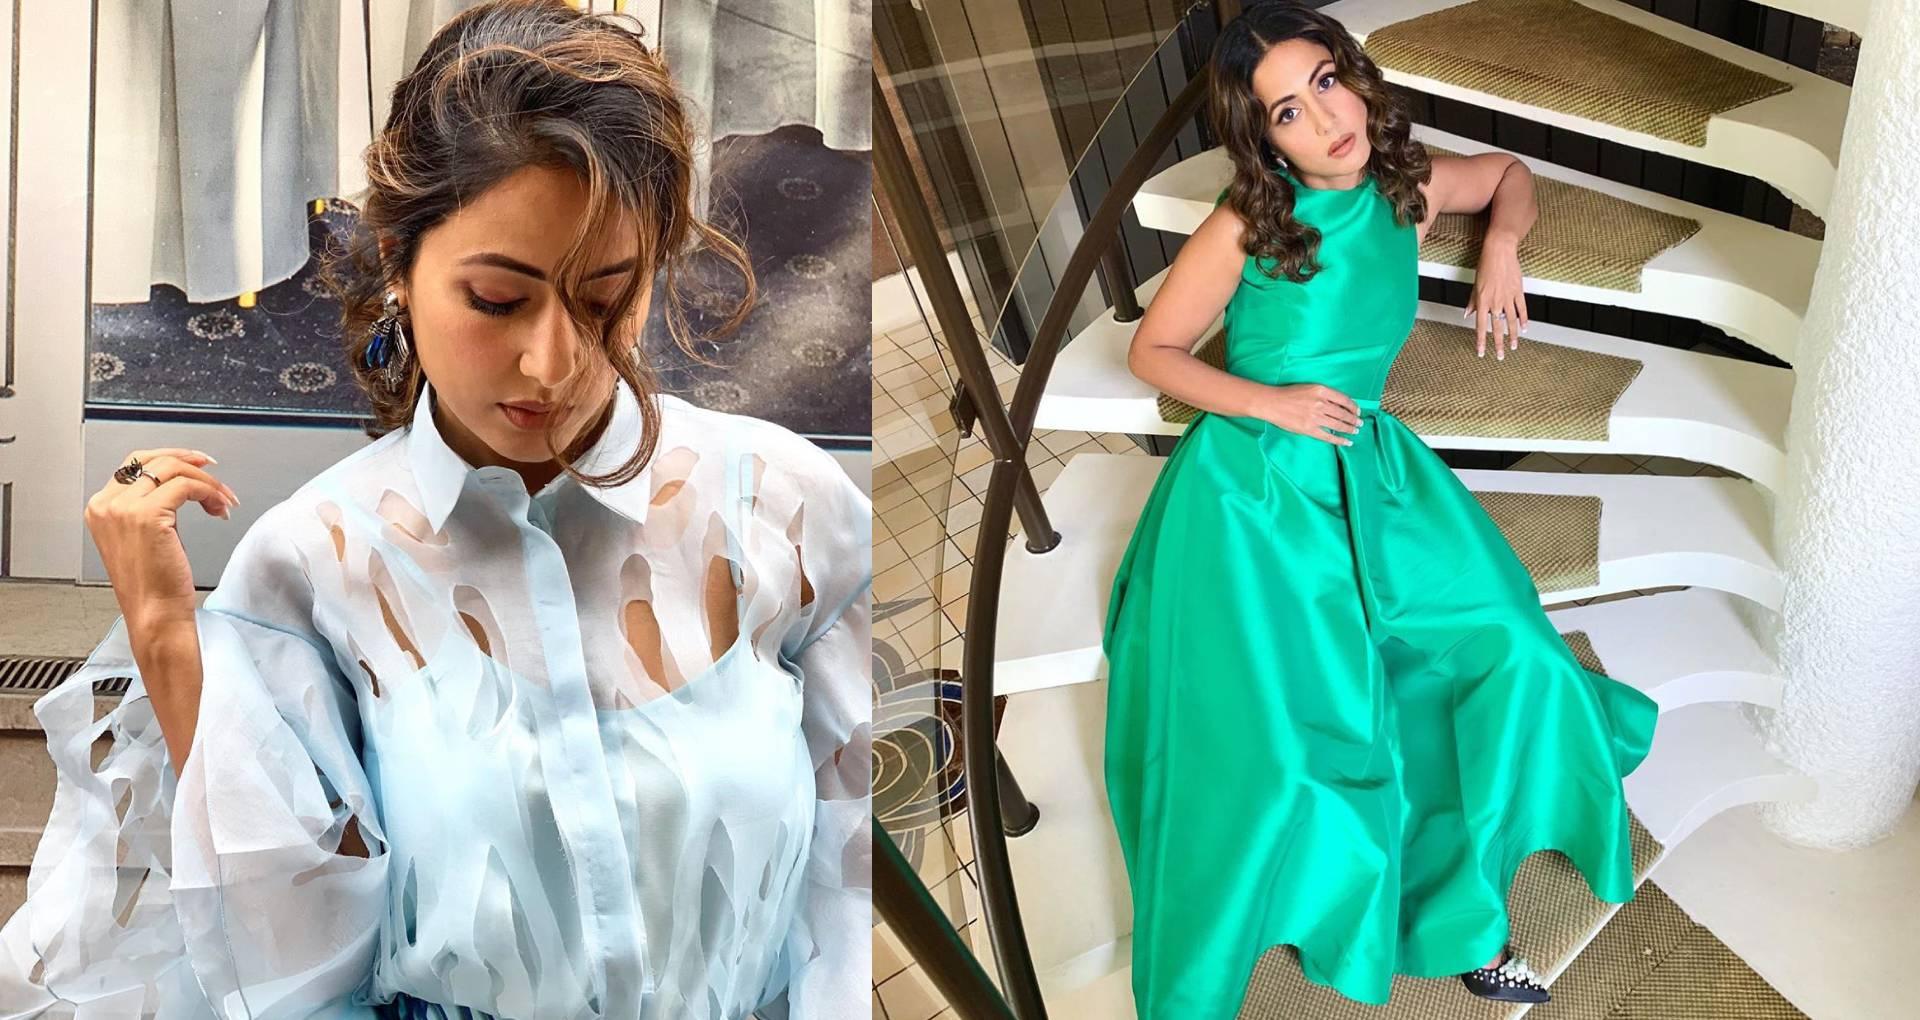 Cannes 2019: हिना खान का एक बार फिर दिखा अलग अंदाज, खूबसूरत तस्वीरें में एक्ट्रेस की बोल्ड अदाएं